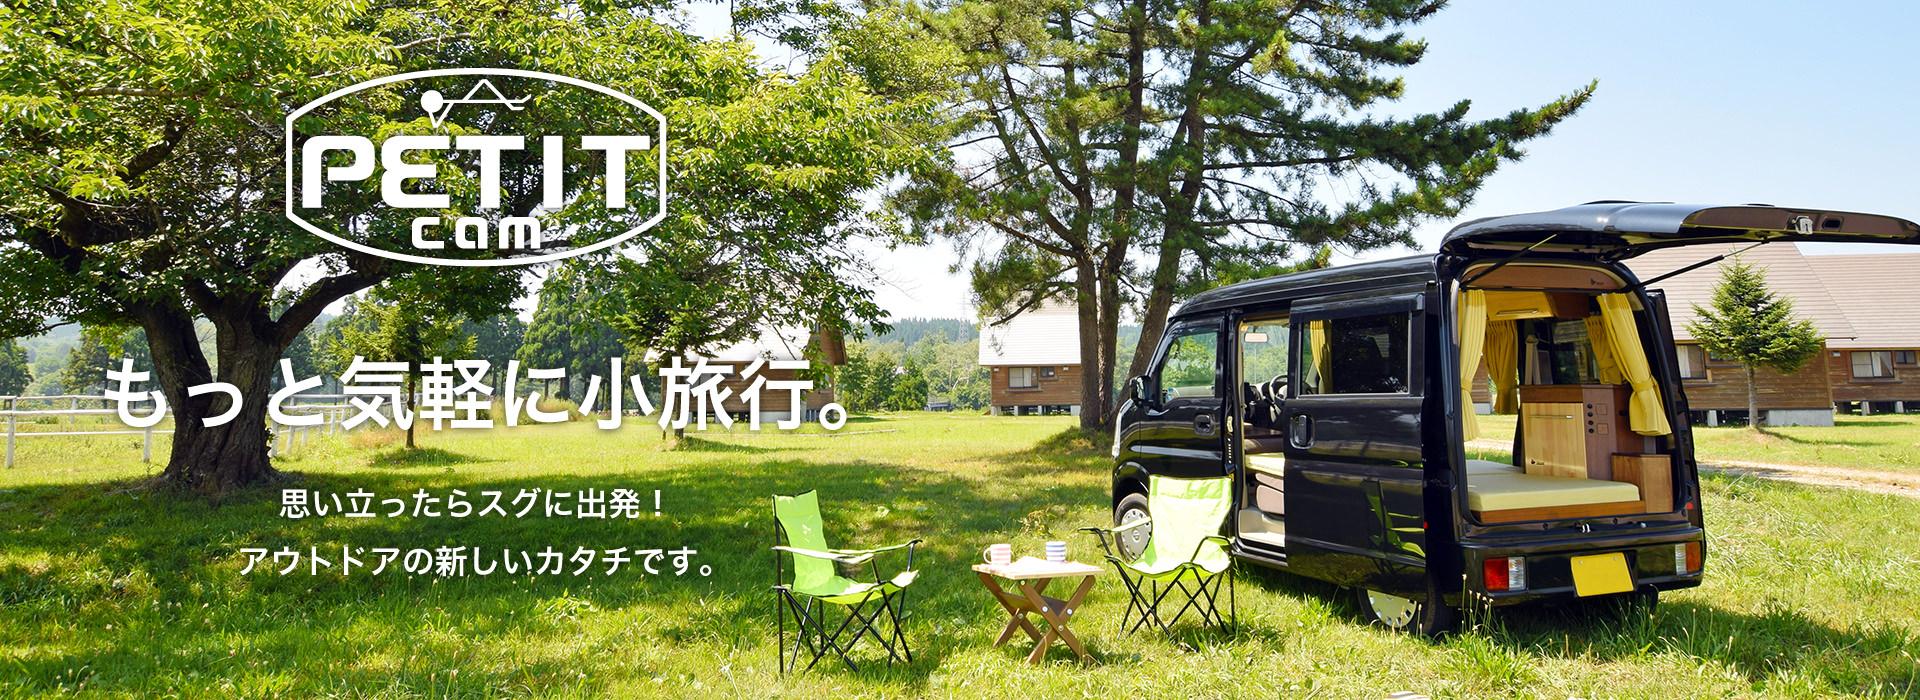 軽キャンピングカー05